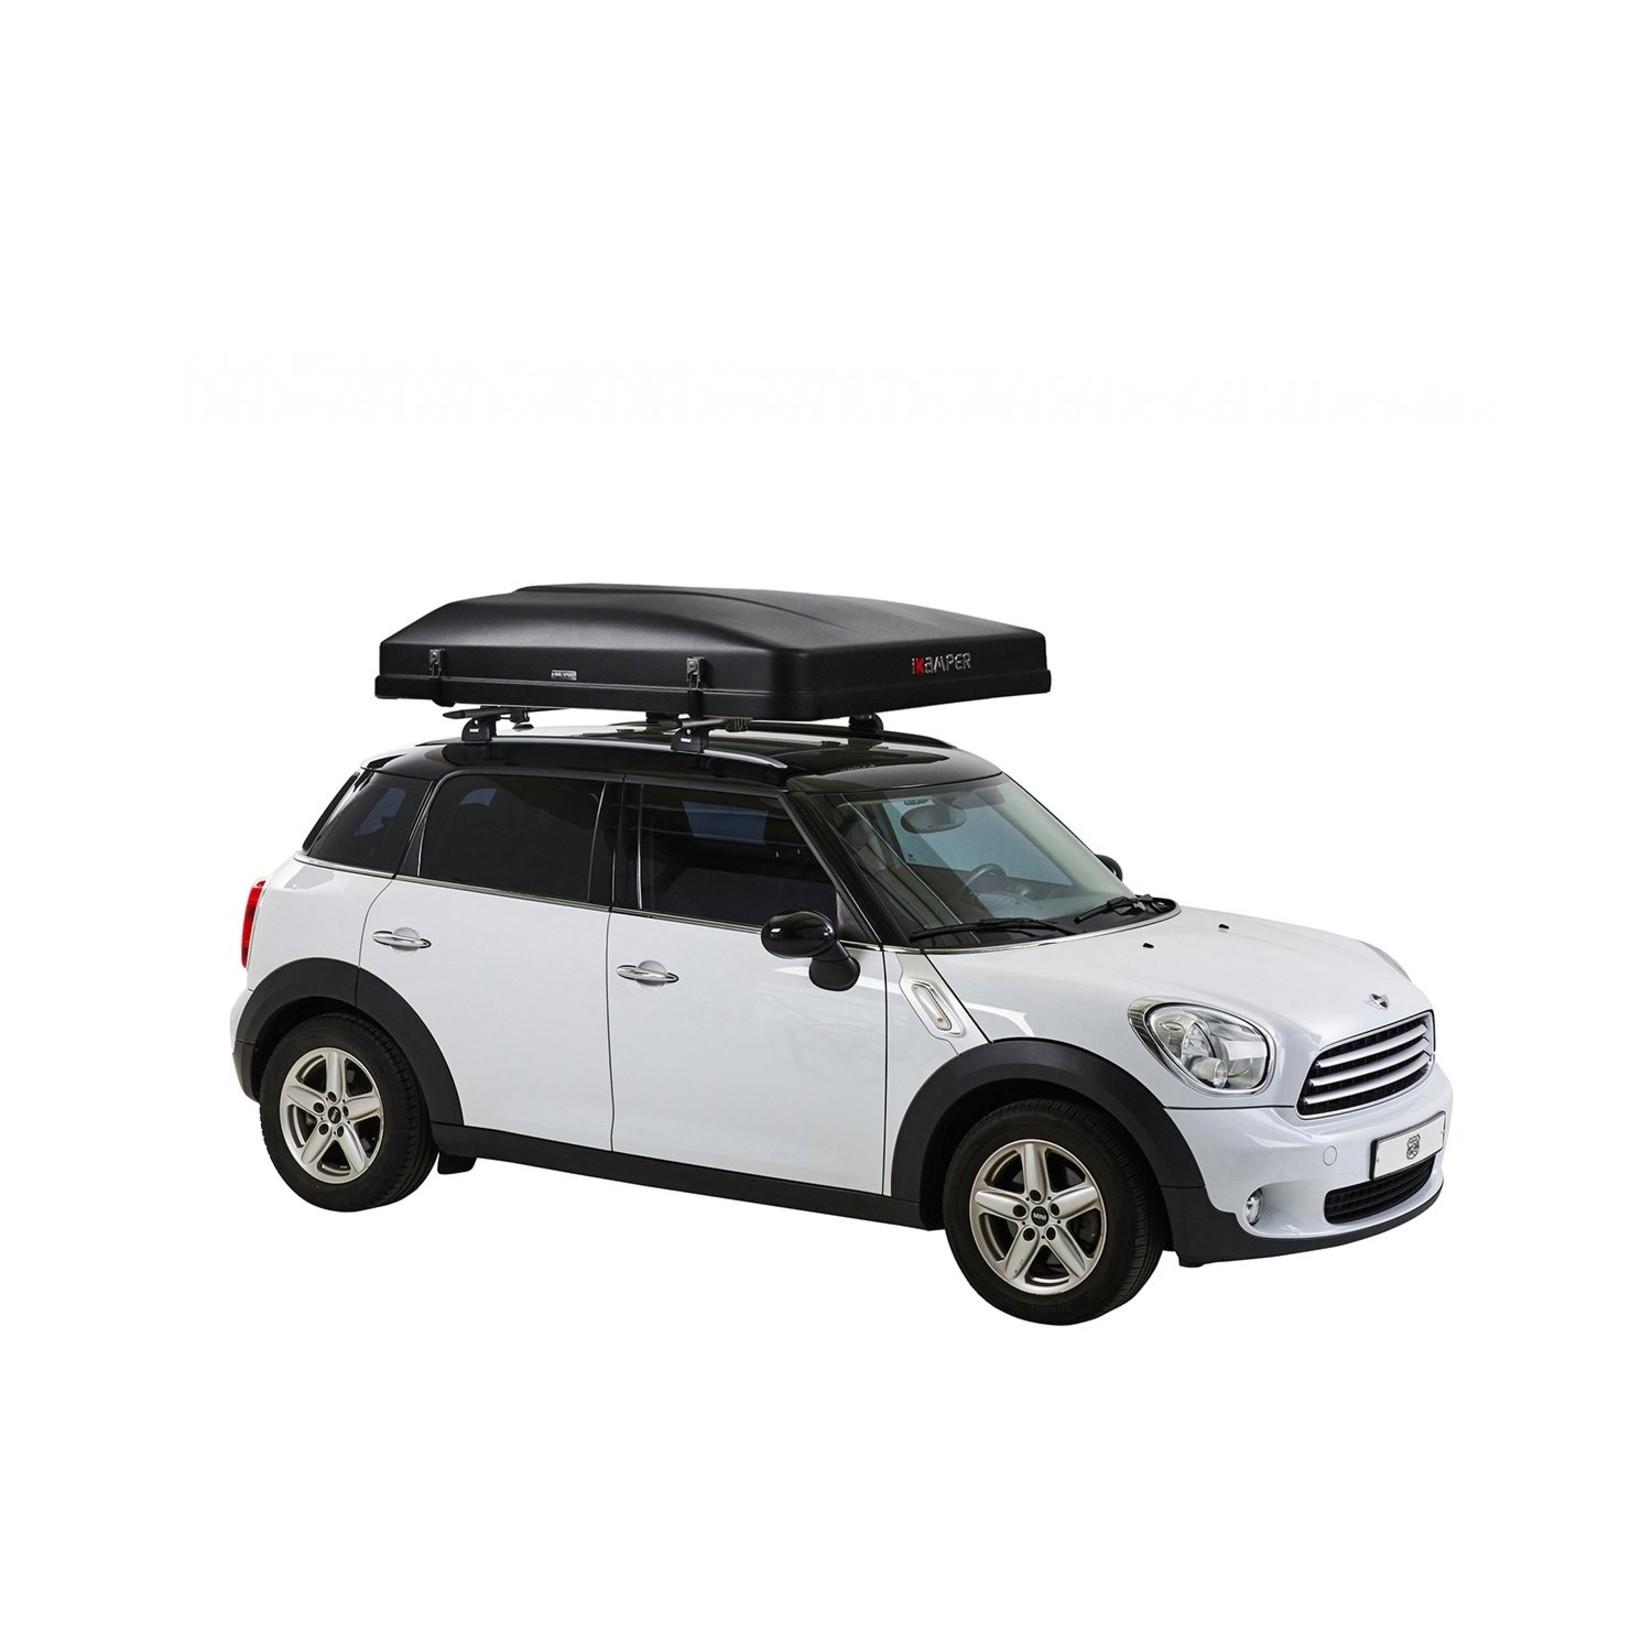 iKamper iKamper Skycamp Mini Roof Top Tent